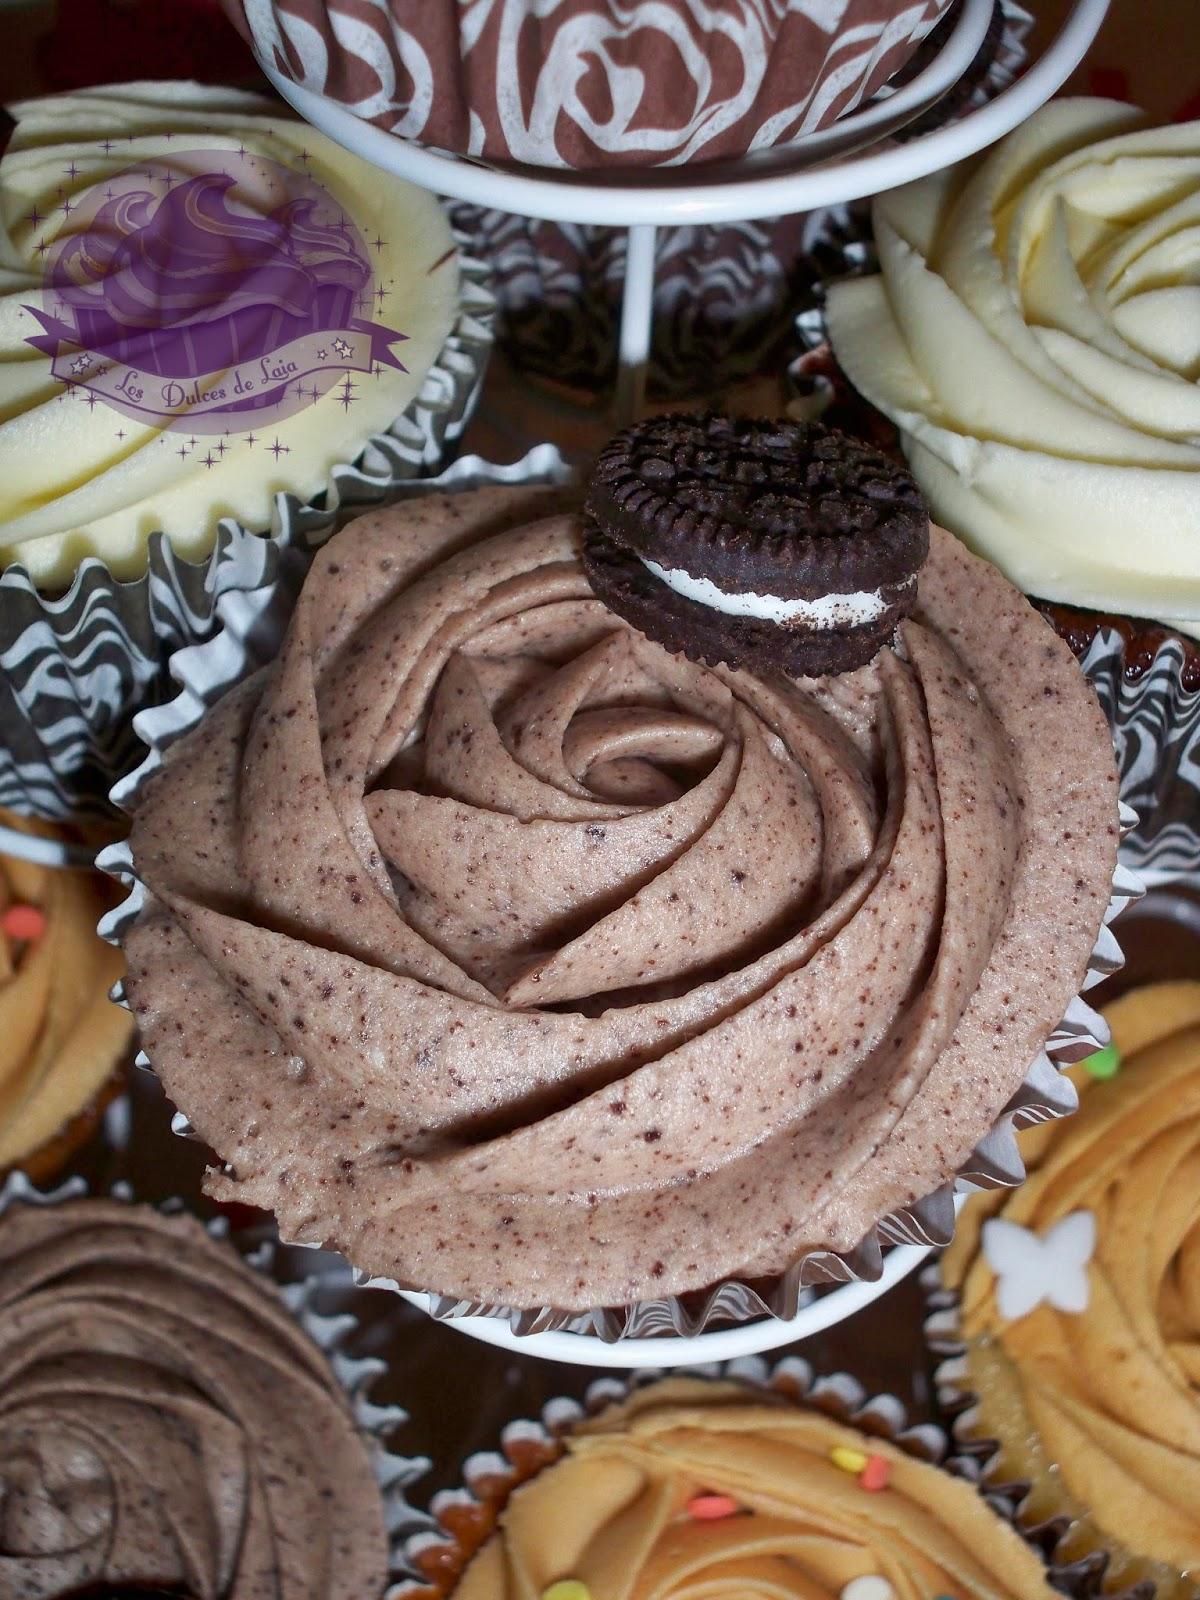 Sugerencia de decoración para las cupcakes de oreo